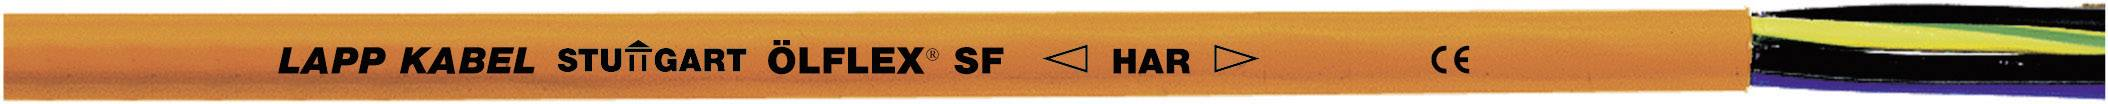 Připojovací kabel LappKabel ÖLFLEX® SF, 00275923, 4 G 0.75 mm², oranžová, 500 m